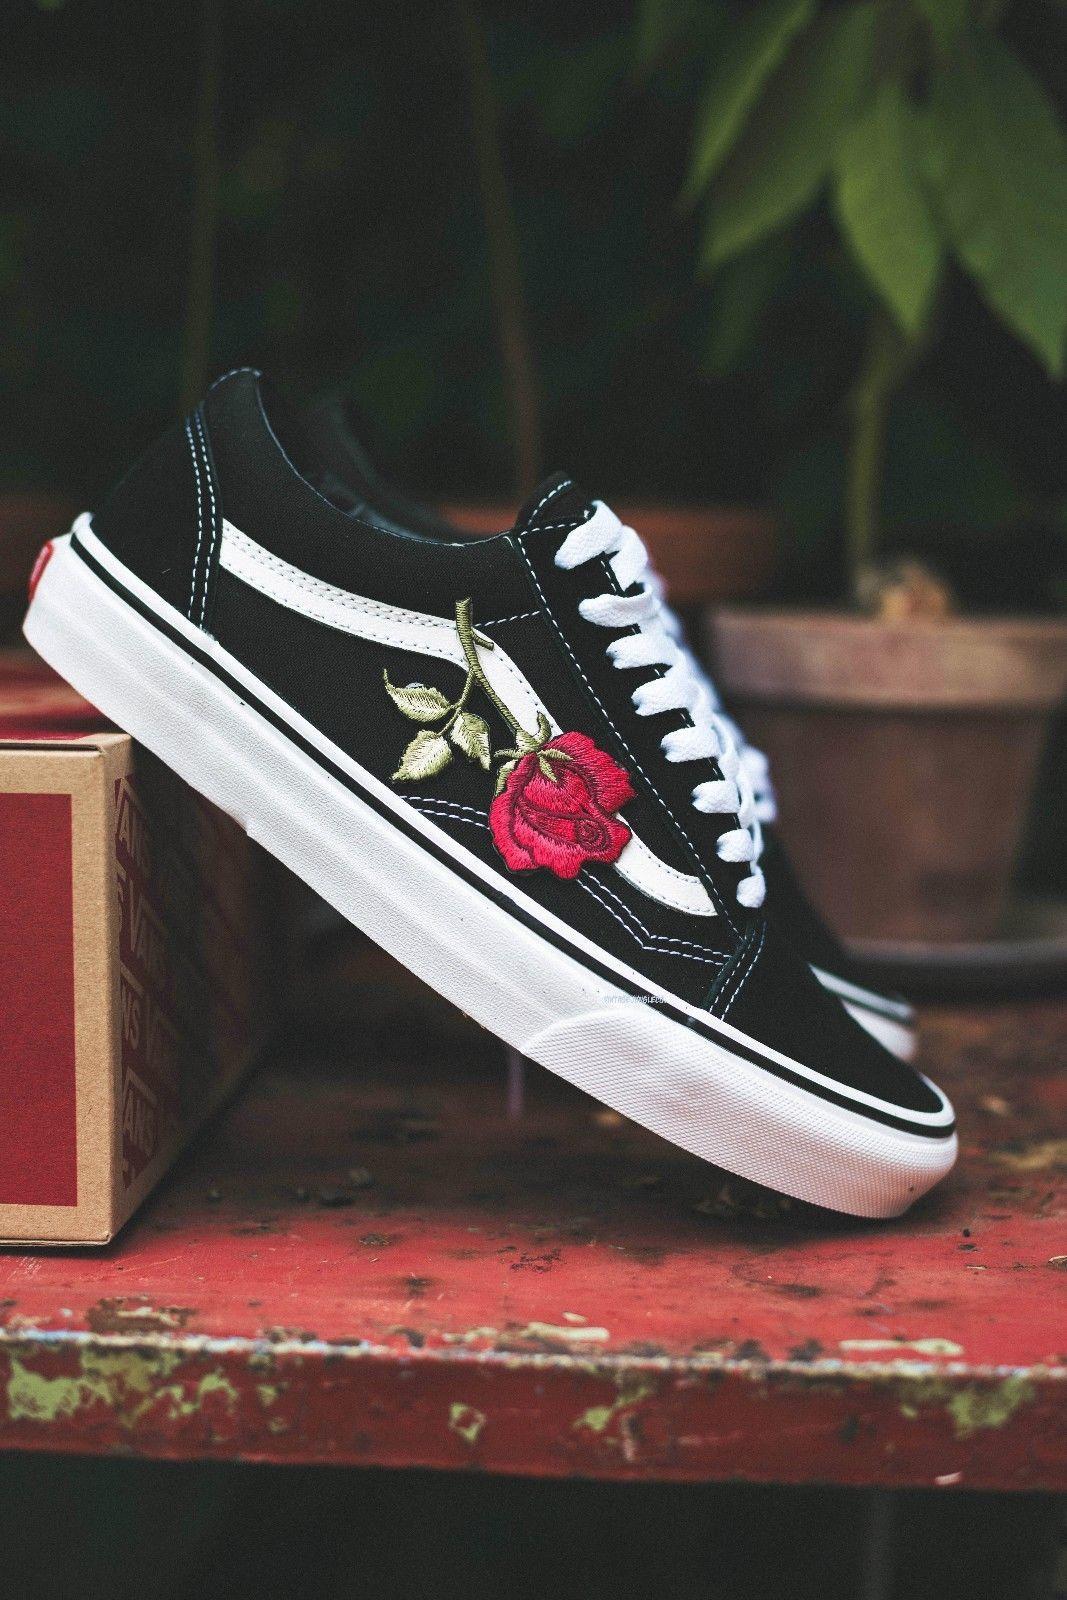 Vans Old Skool Custom Big Rose Patch Eur 37 48 Unisex Roses Flowers Sneaker Ebay Vans Shoes Women Rose Vans Shoes Black Vans Shoes